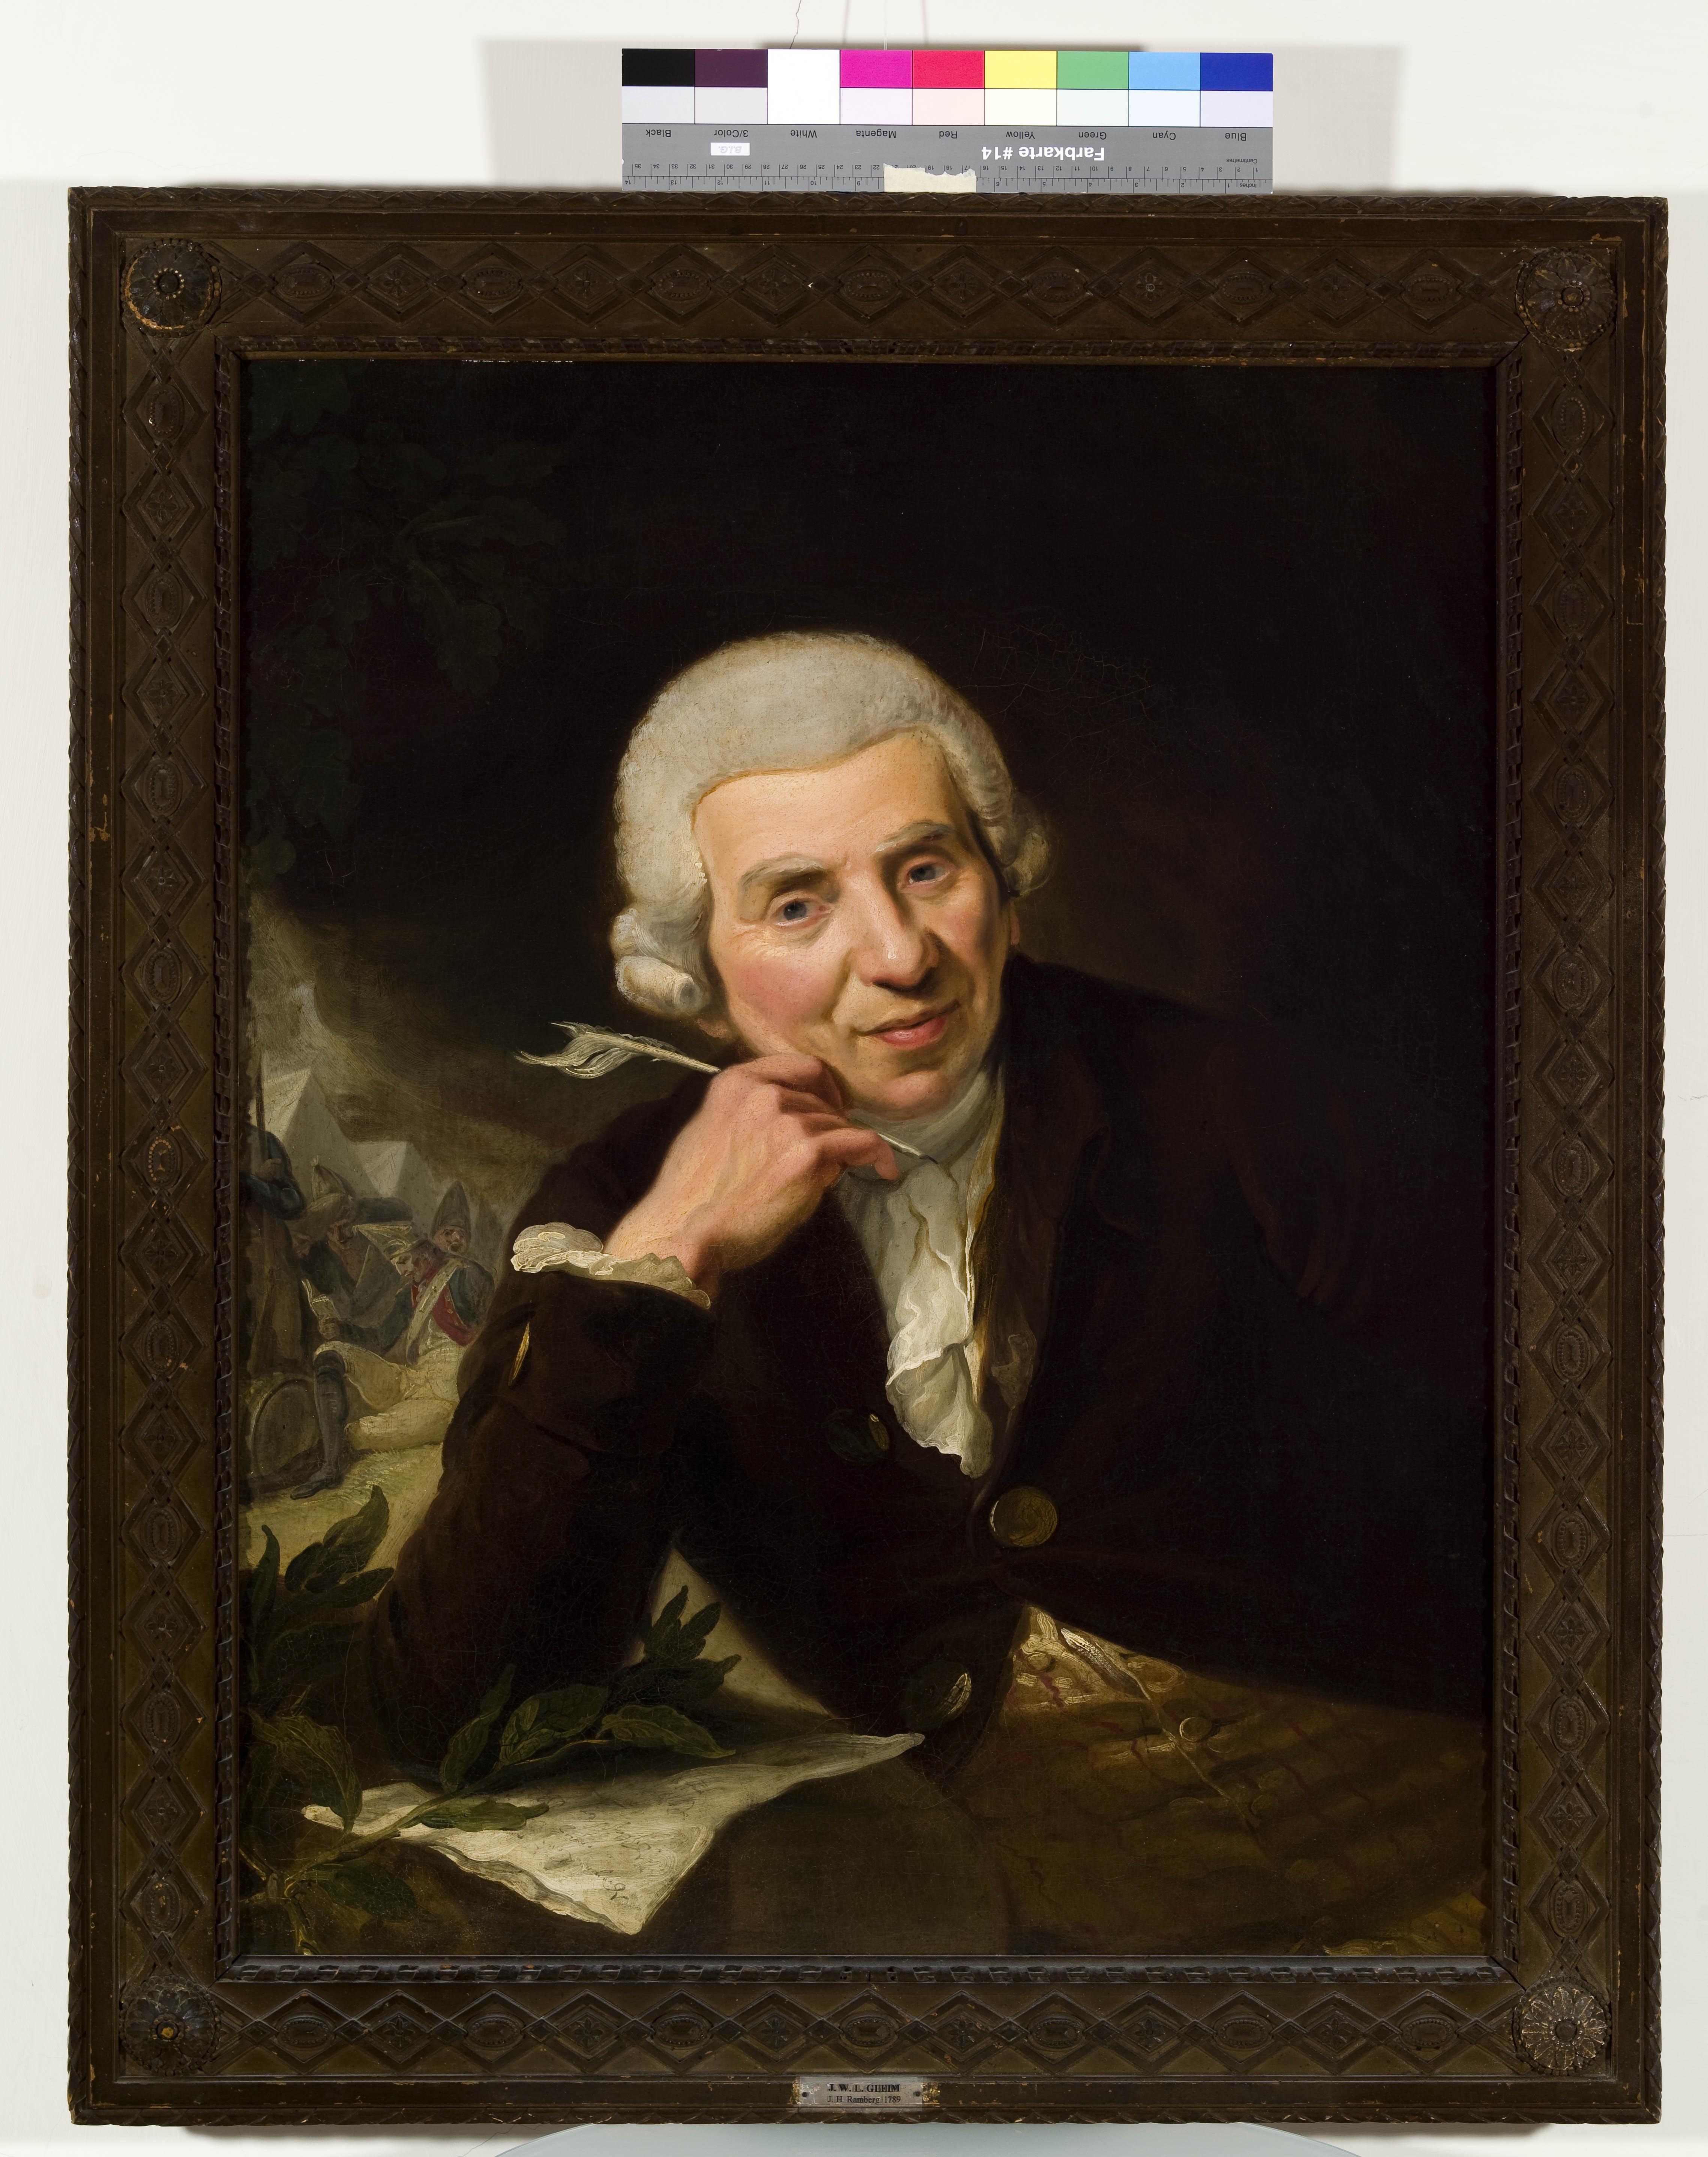 Johann Wilhelm Ludwig Gleim (1719-1803)